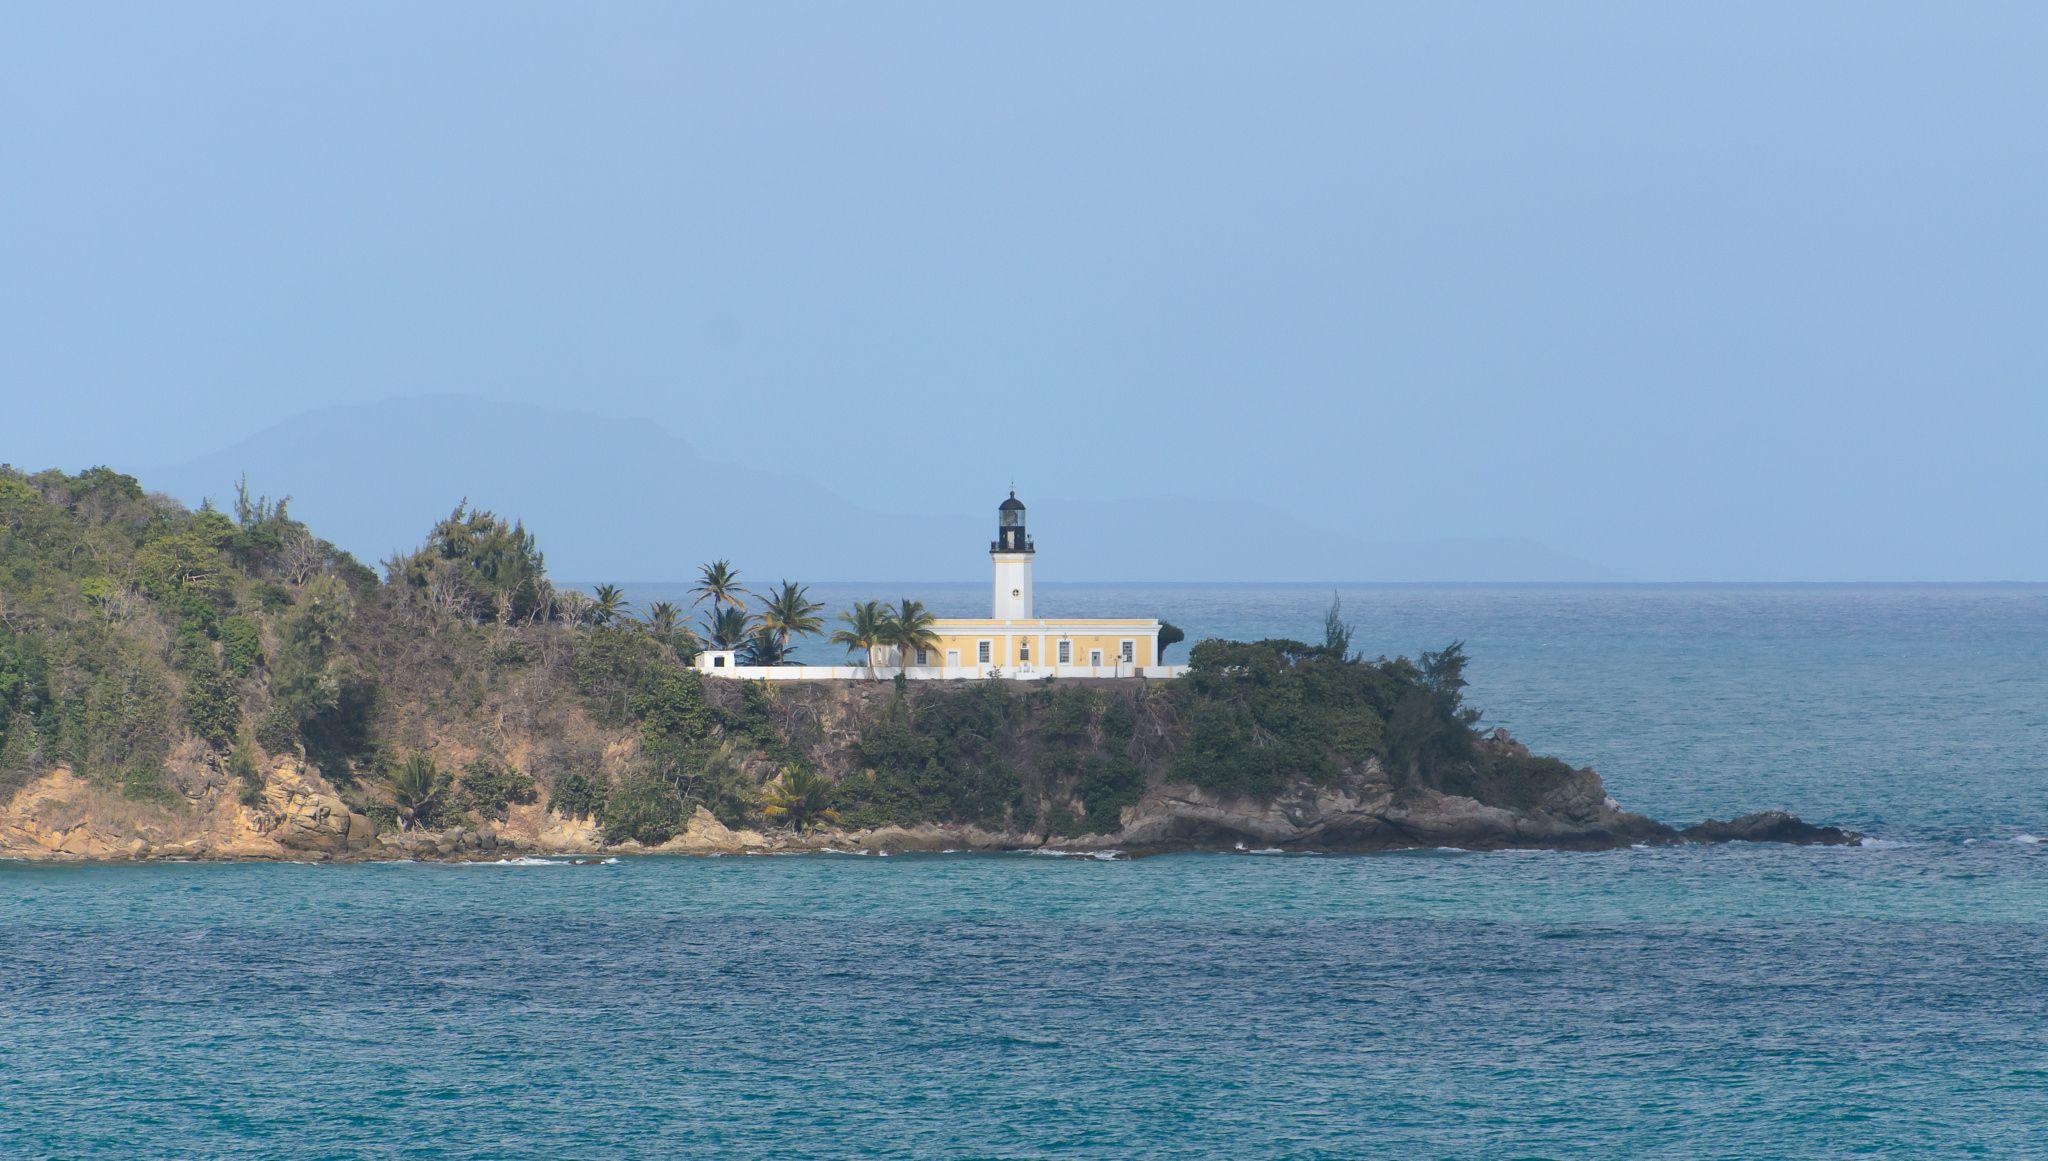 Faro de Maunabo/Maunabo Lighthouse